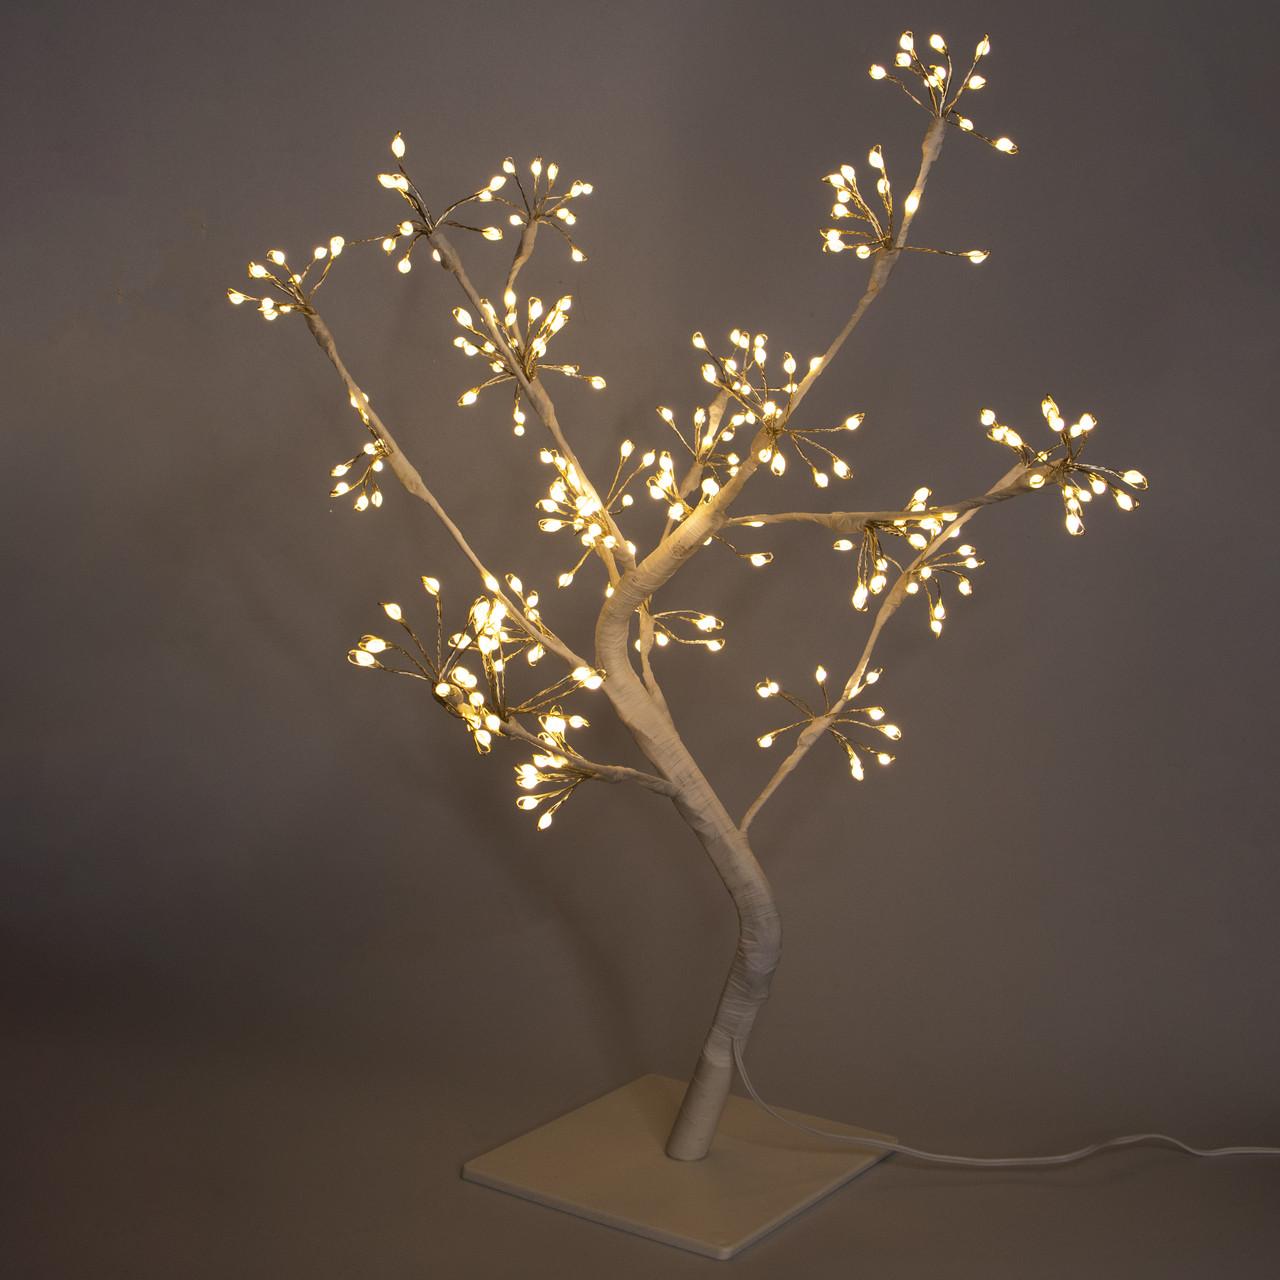 Светодиодная декорация - дерево на подставке, 45*48*50 см, 256л, белый, теплый белый, IP44 (141226)